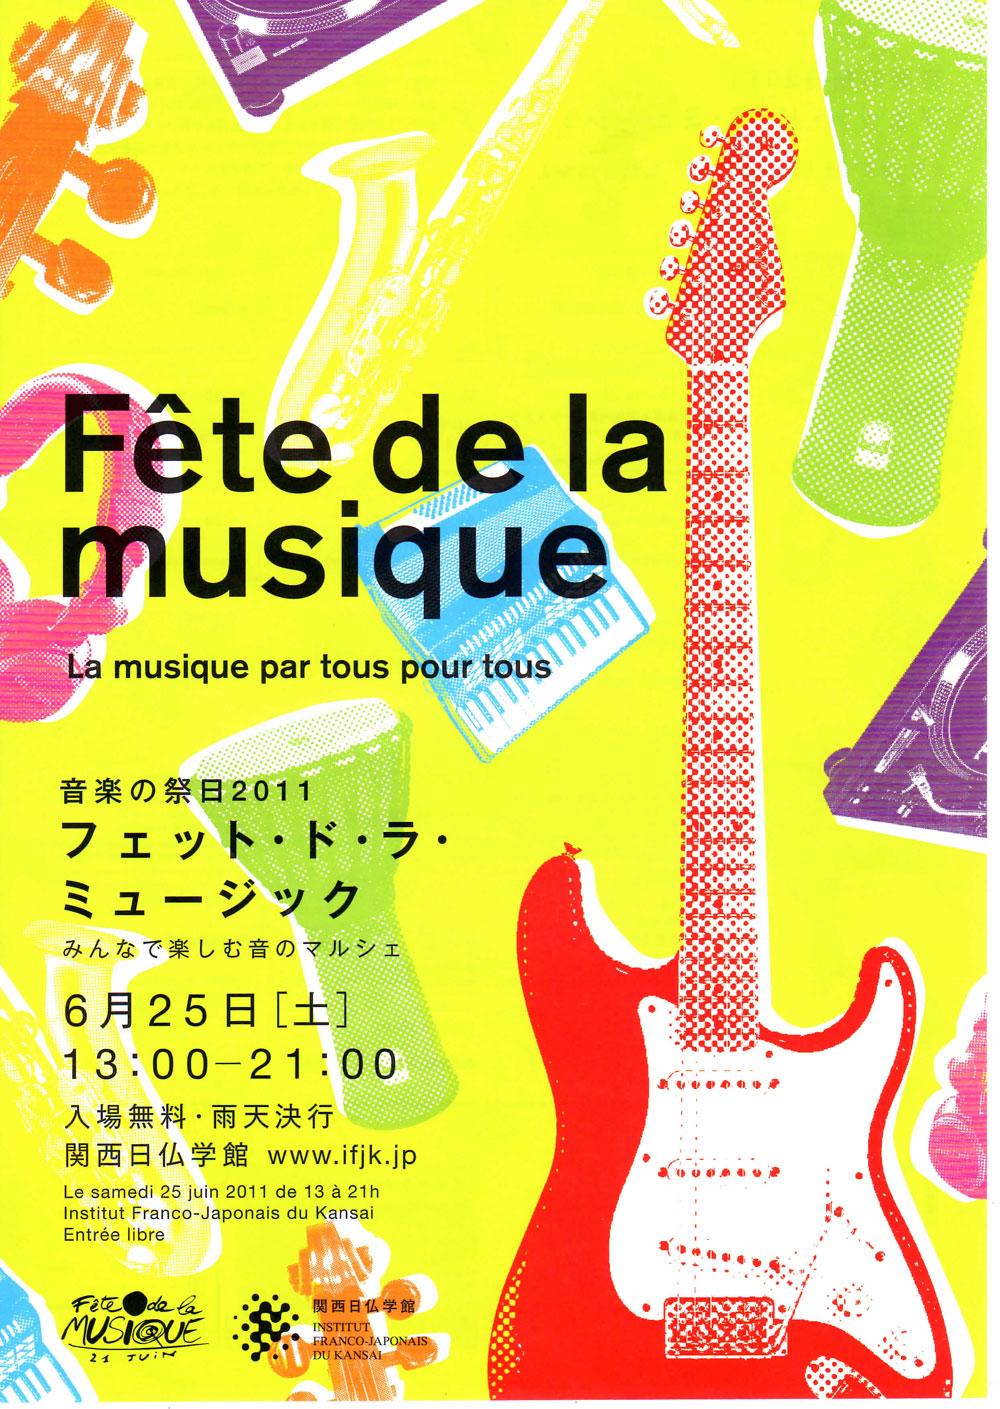 フェット・ド・ラ・ミュージック!!_a0201203_17463630.jpg